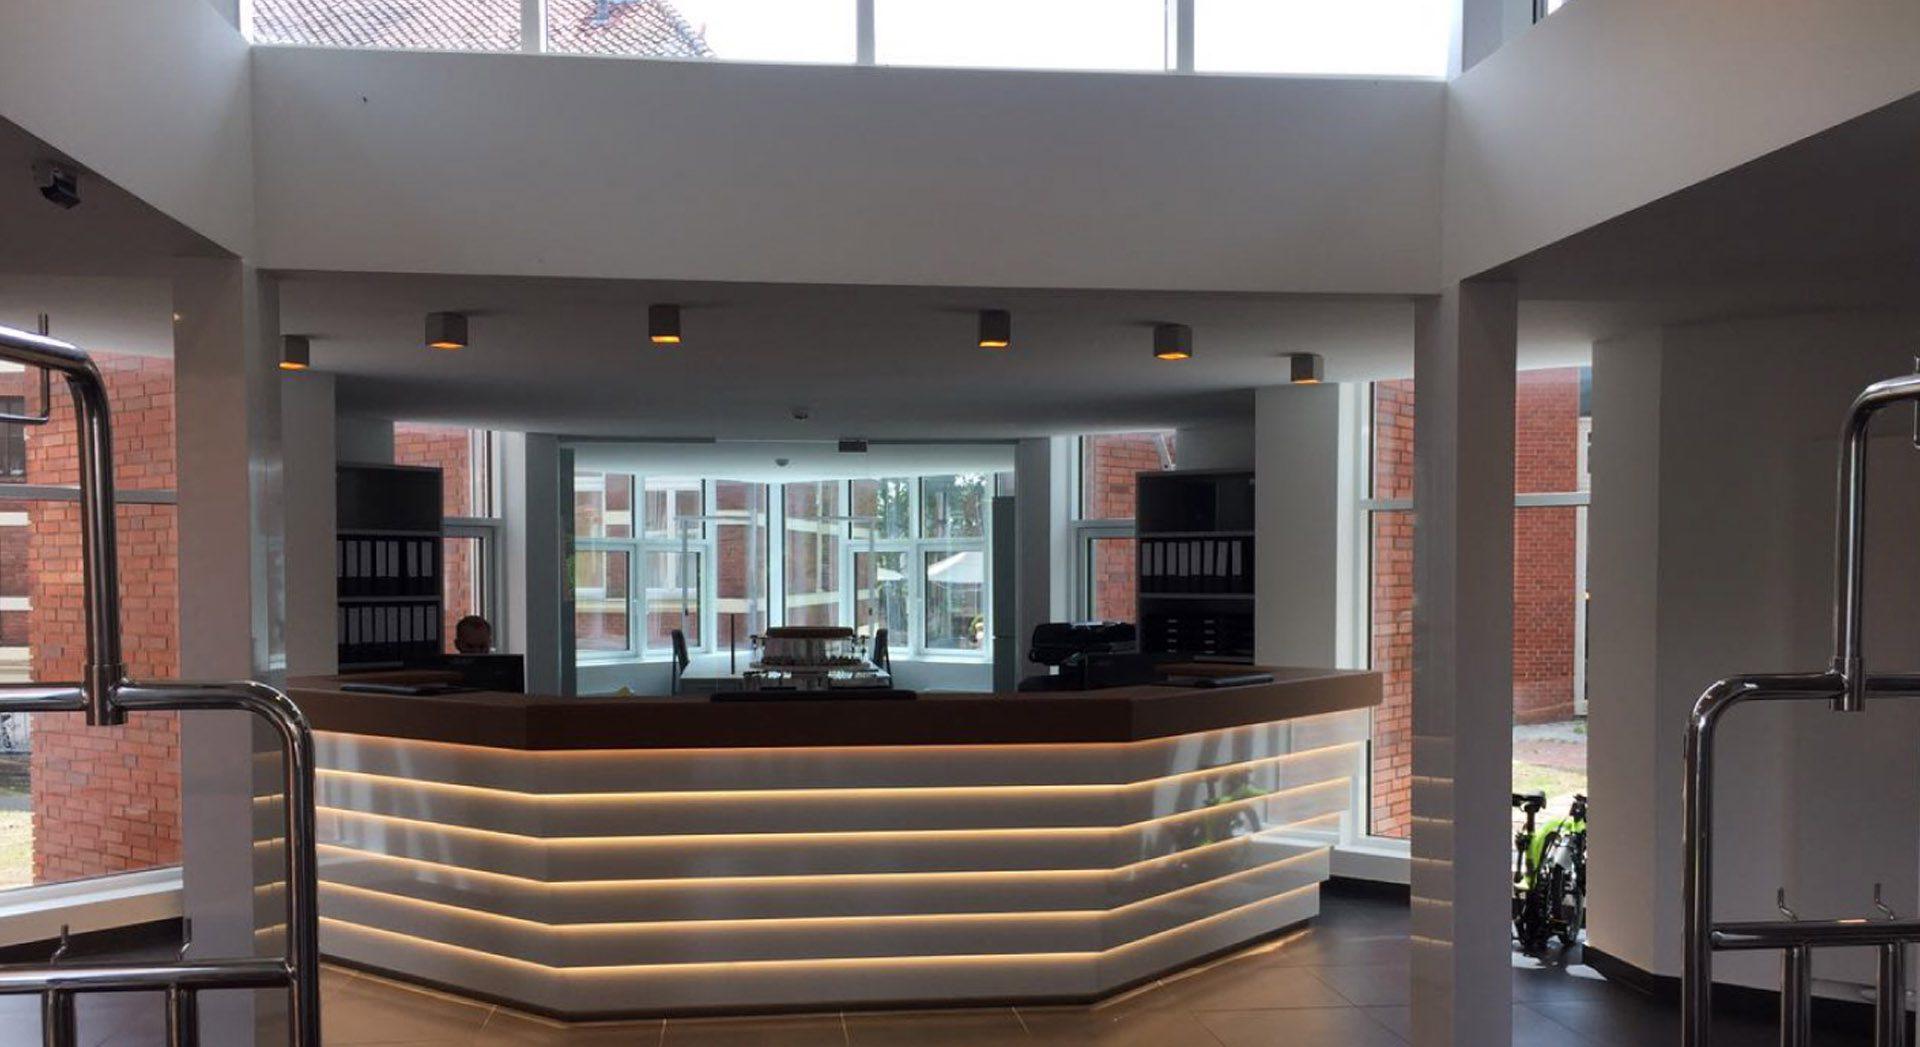 Gewerbearchitektur; Architektur; Innenarchitektur; Veranstaltung; Lichtkonzept; Empfang; Lobby; Entreé; Theke; Tresen; Lobby; Rezeption; Möbeldesign; Hotel Alte Werft;